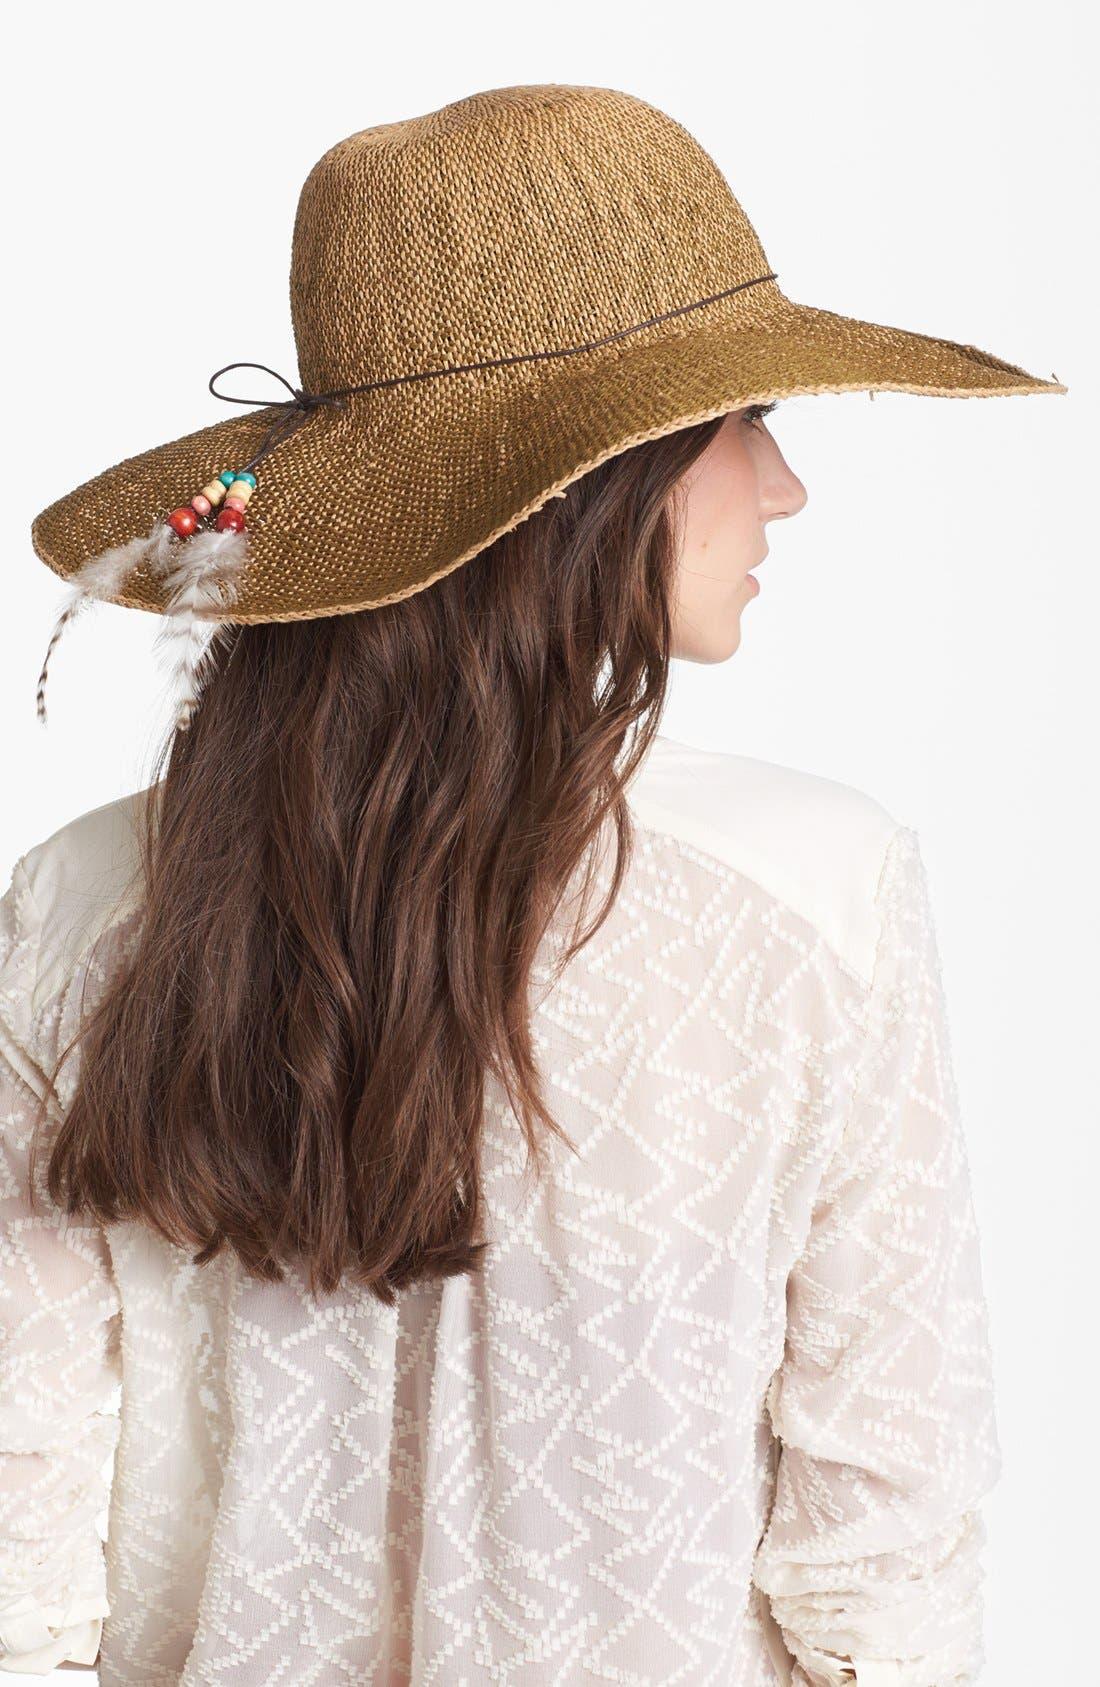 Main Image - San Diego Hat Wide Brim Sun Hat